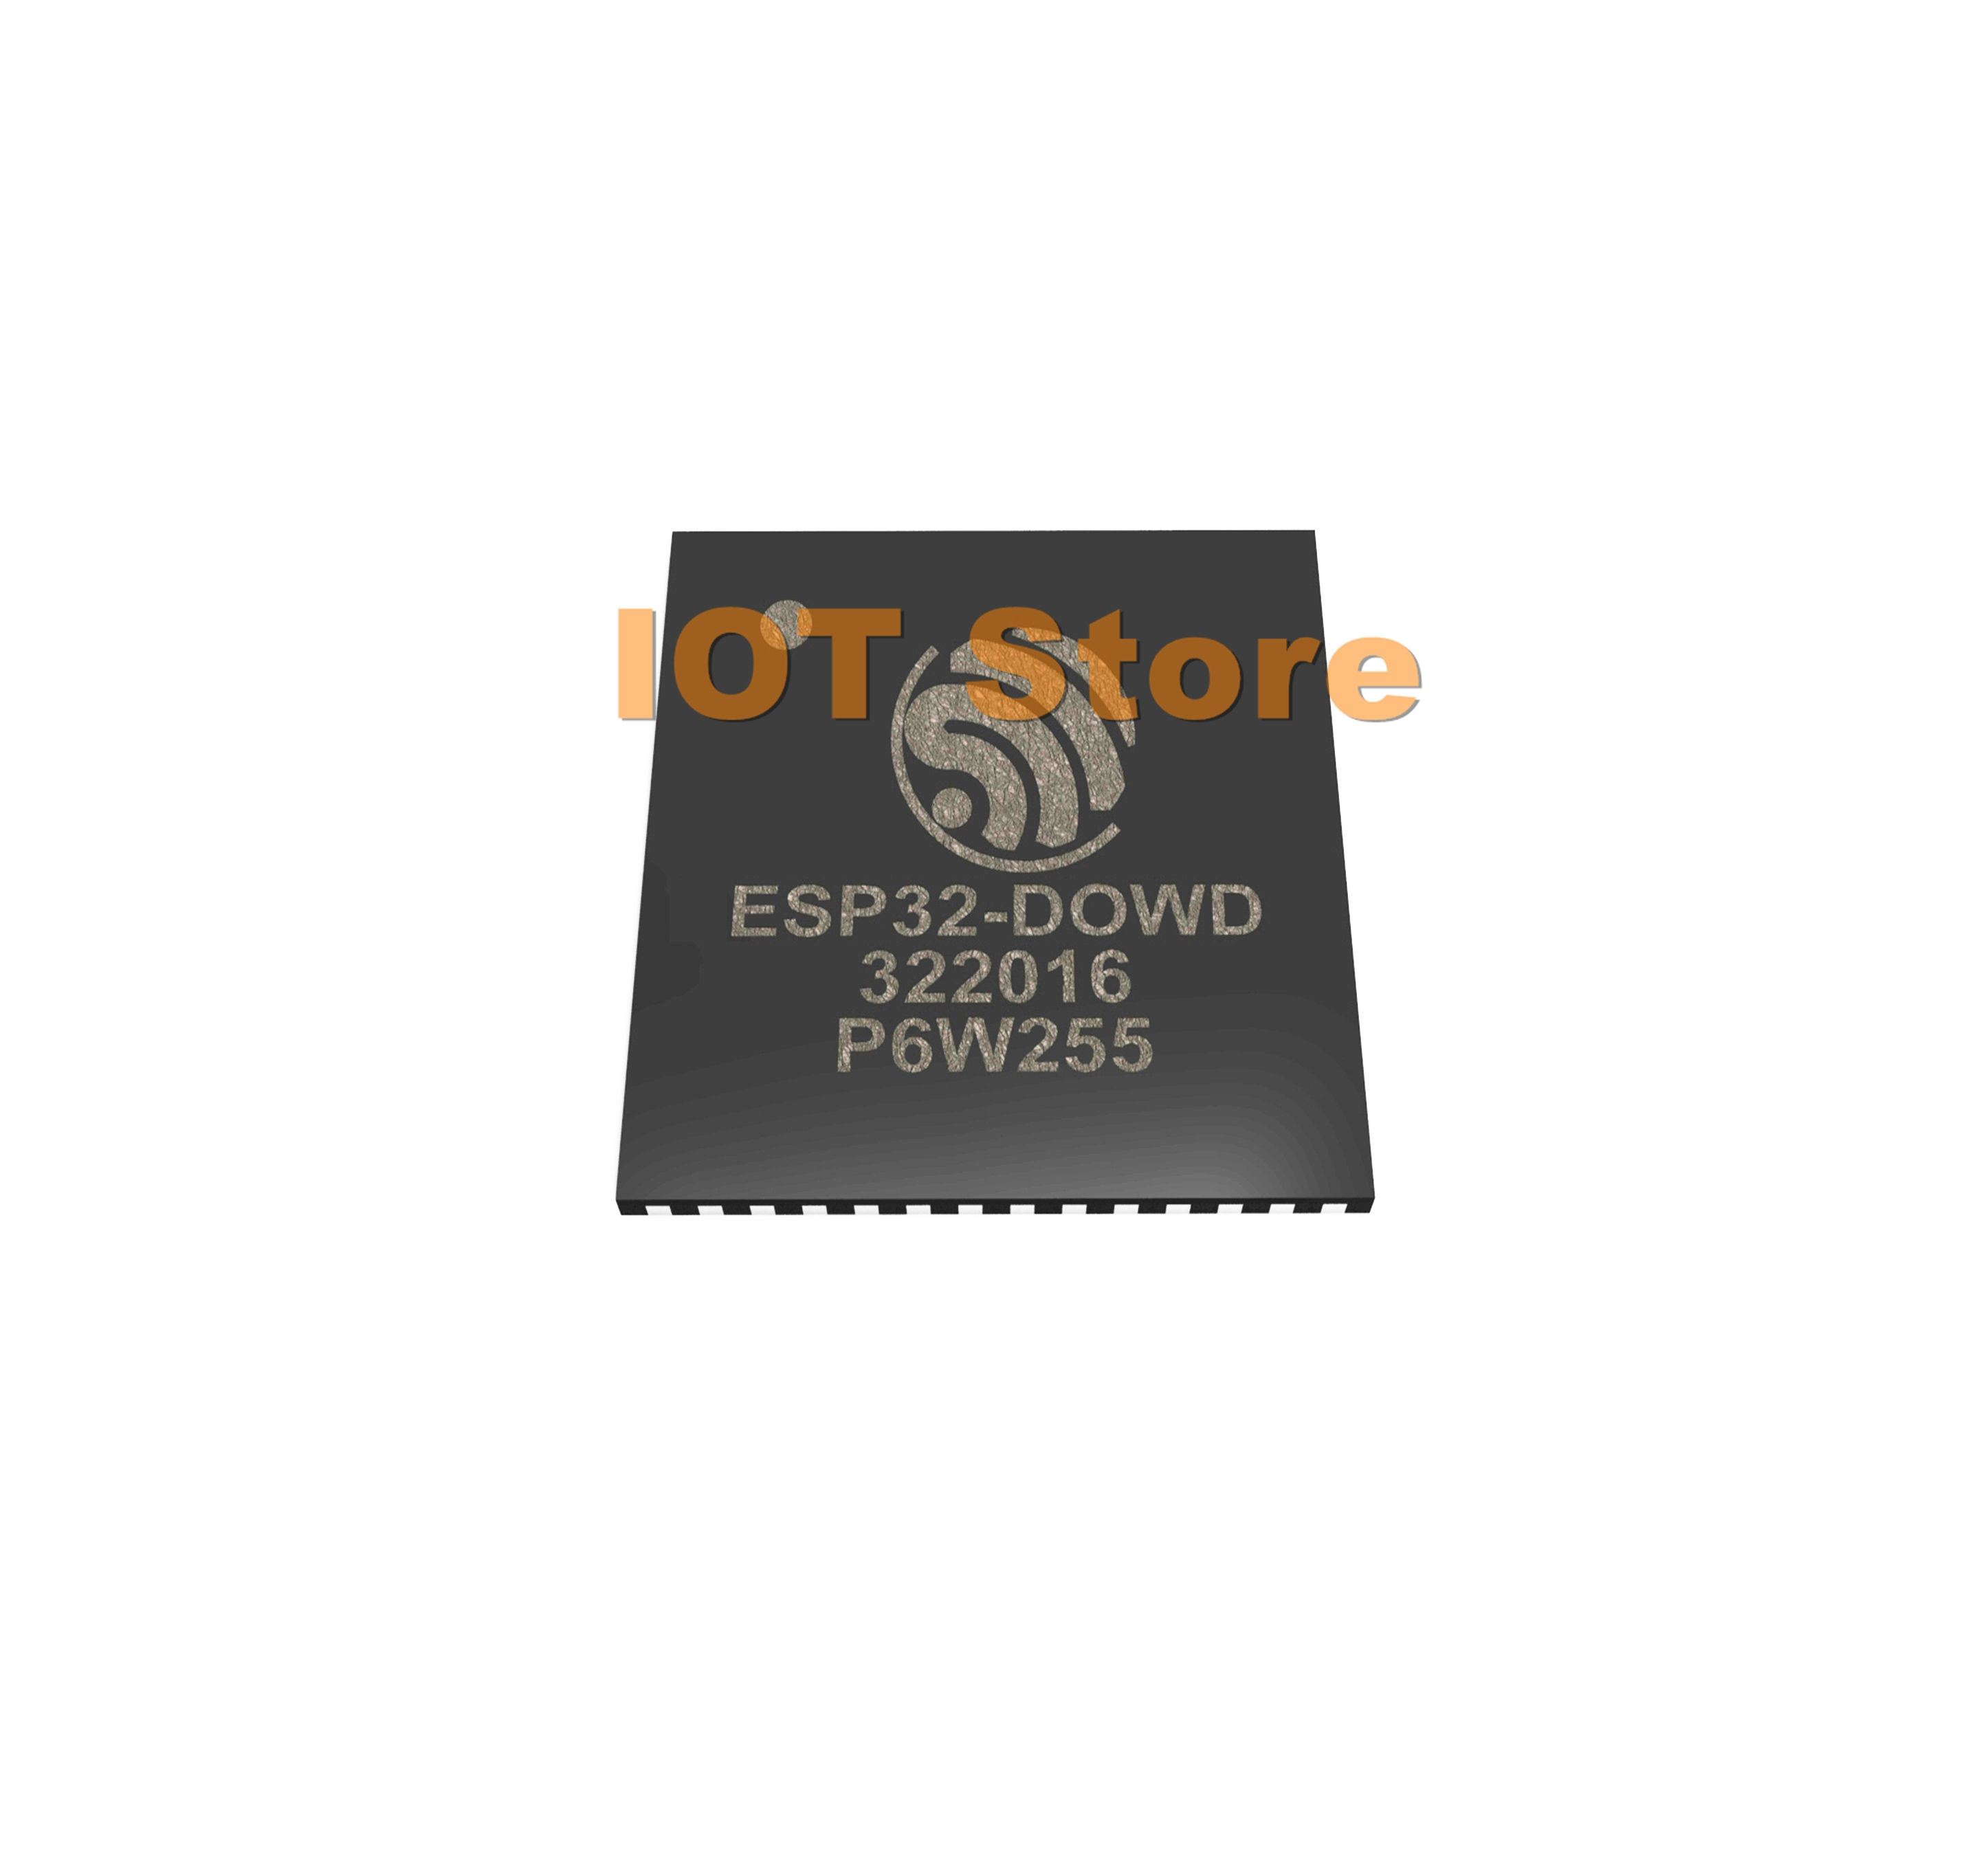 1 Sistema de ESP32-D0WD ESP32-DOWD ESP32 SMD IC ESP32D0WD dual-core MCU Wi-Fi Bluetooth combo QFN 48pin 5*5mm